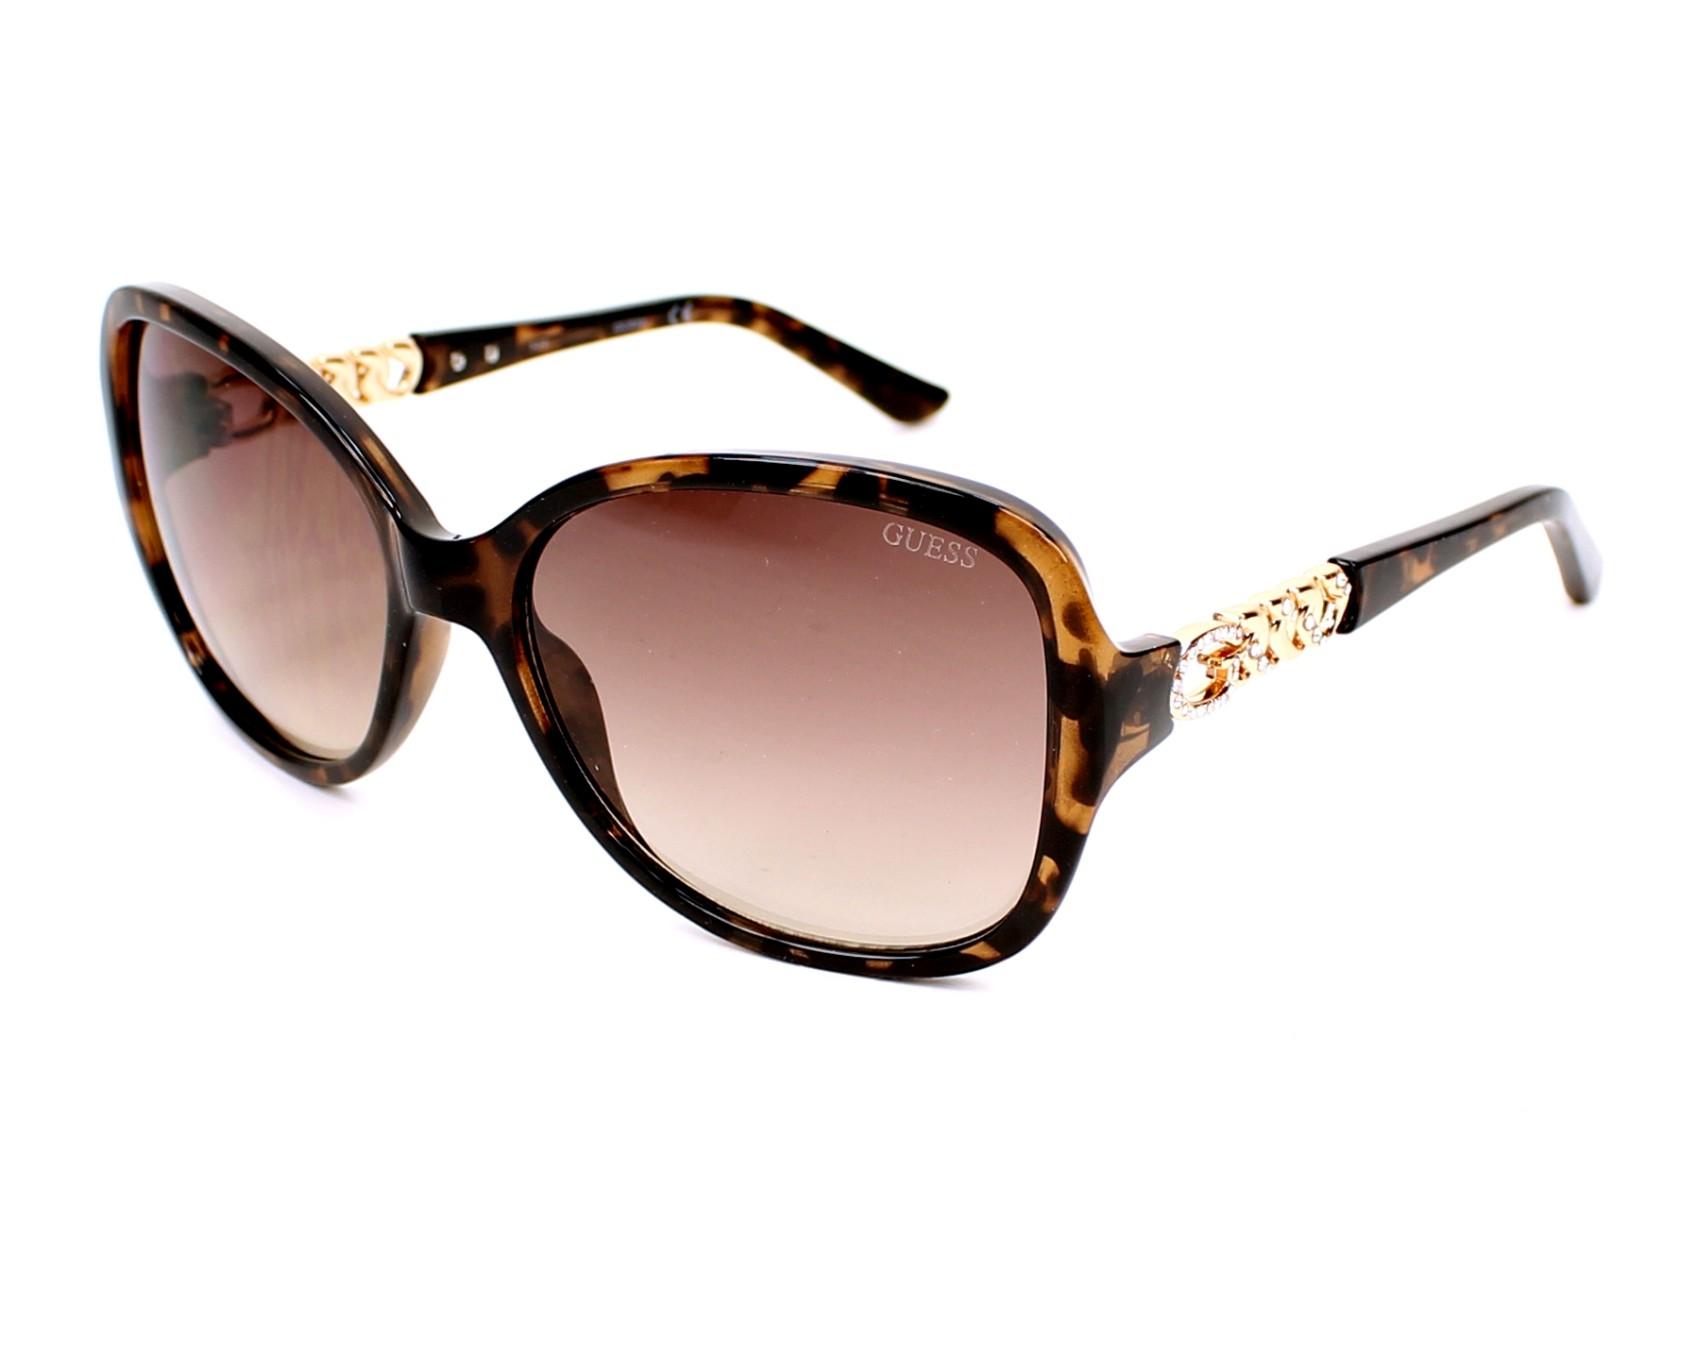 Guess GU7452 Sonnenbrille Havanna und Braun 52F 59mm 0lGVADZsp6